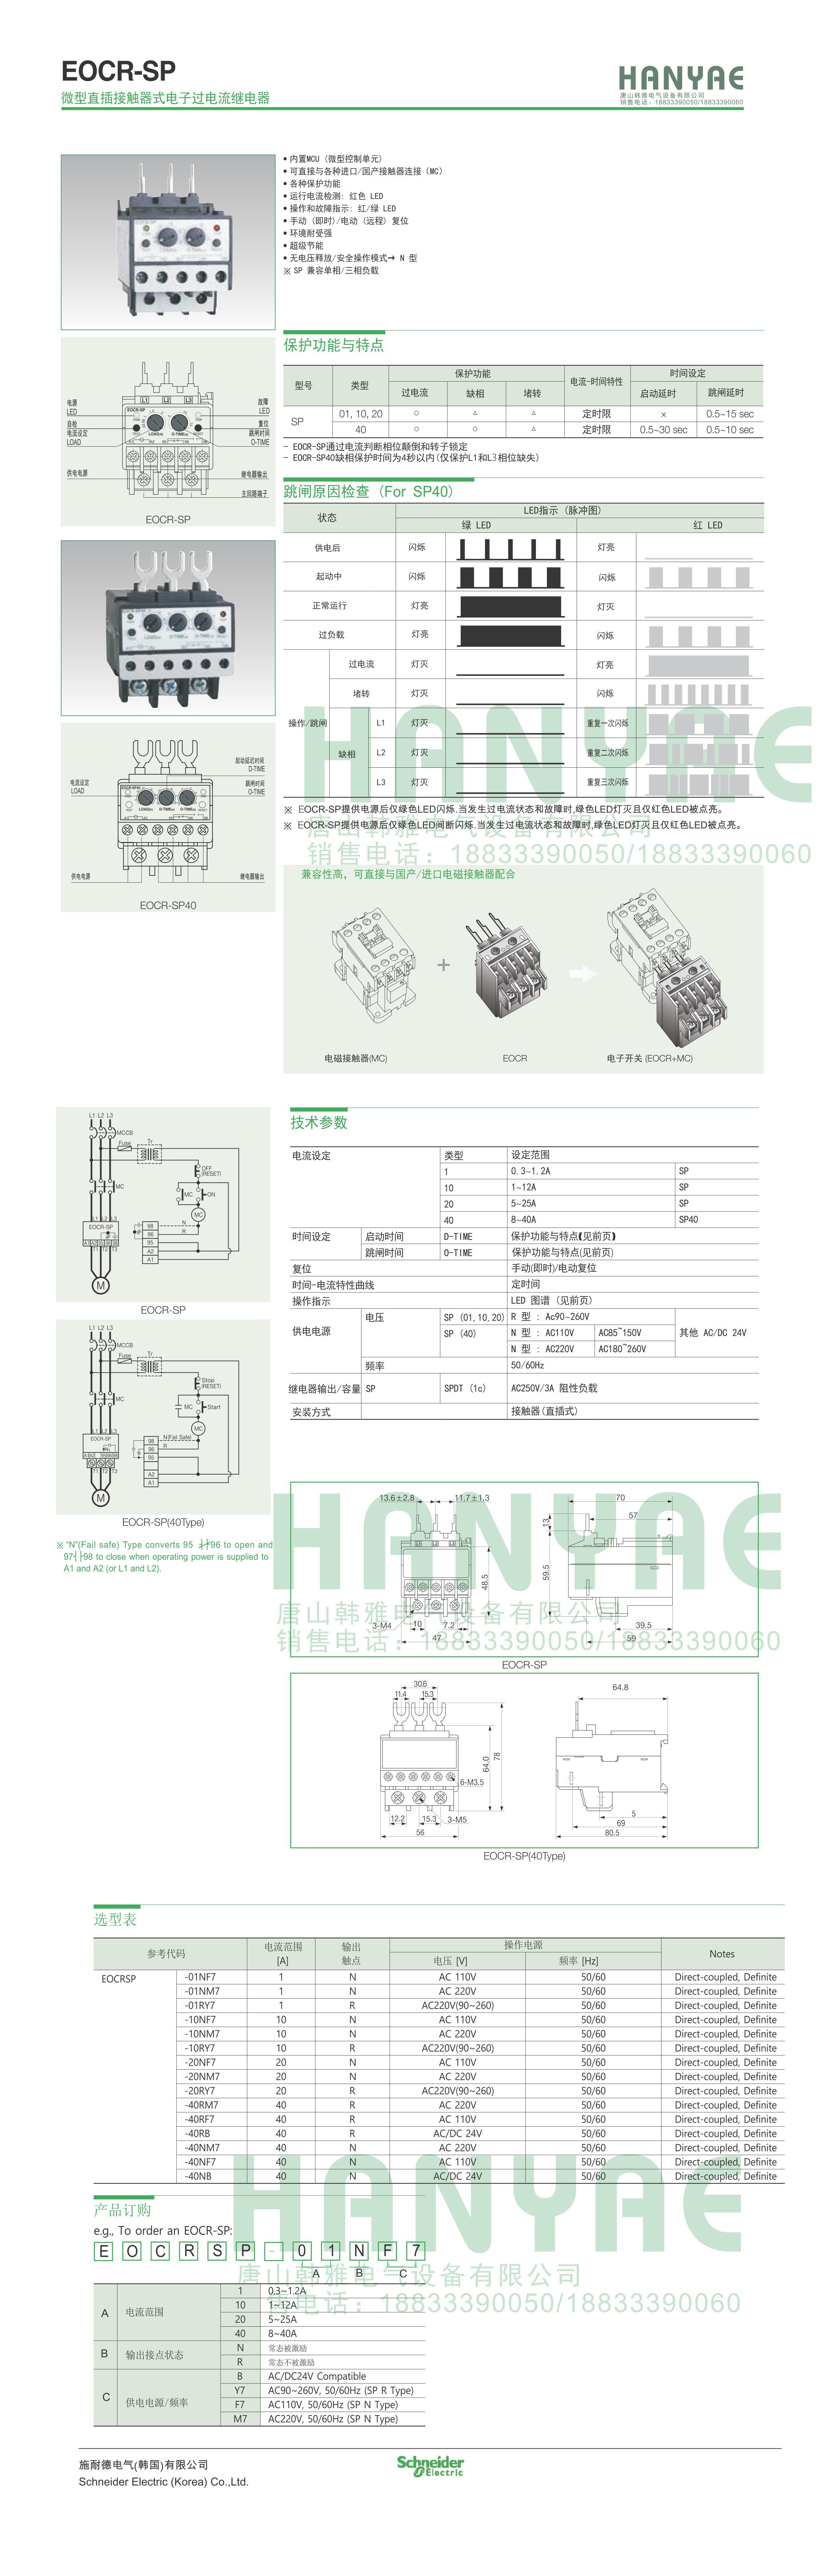 施耐德EOCR(原韩国三和)-经济型马达保护器EOCRSP-40NY7 施耐德EOCR,电子式继电器,马达保护器,电动机保护器,韩国三和SAMWHA